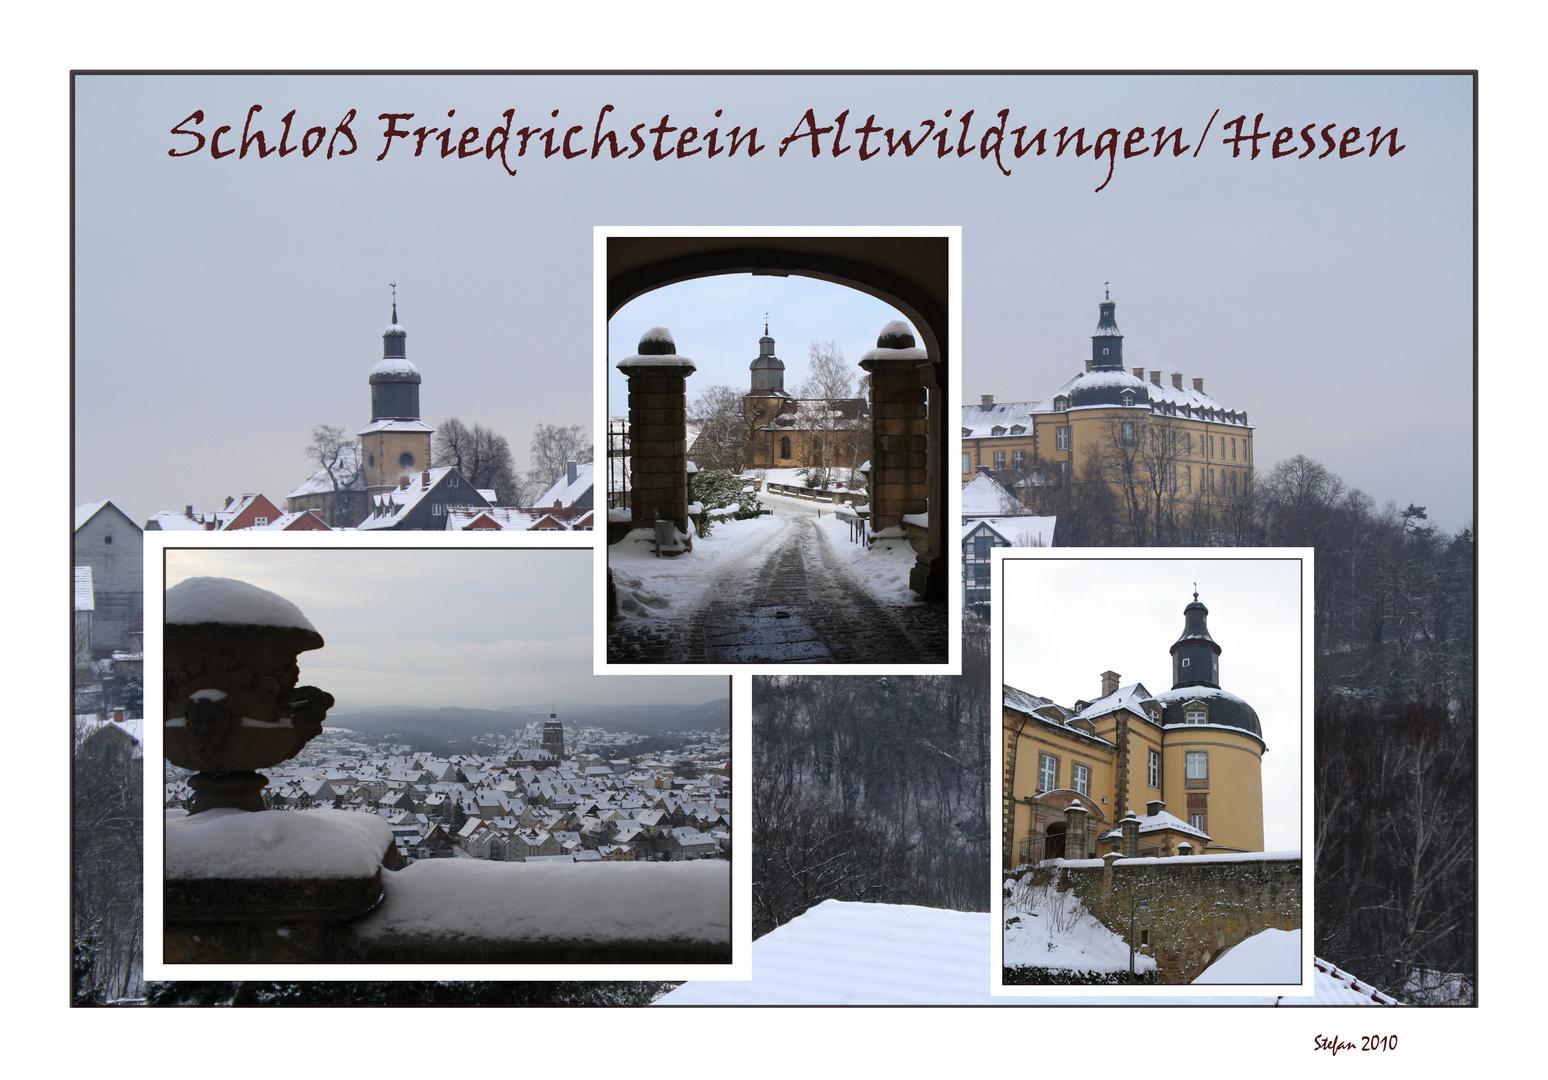 Schloß Friedrichstein